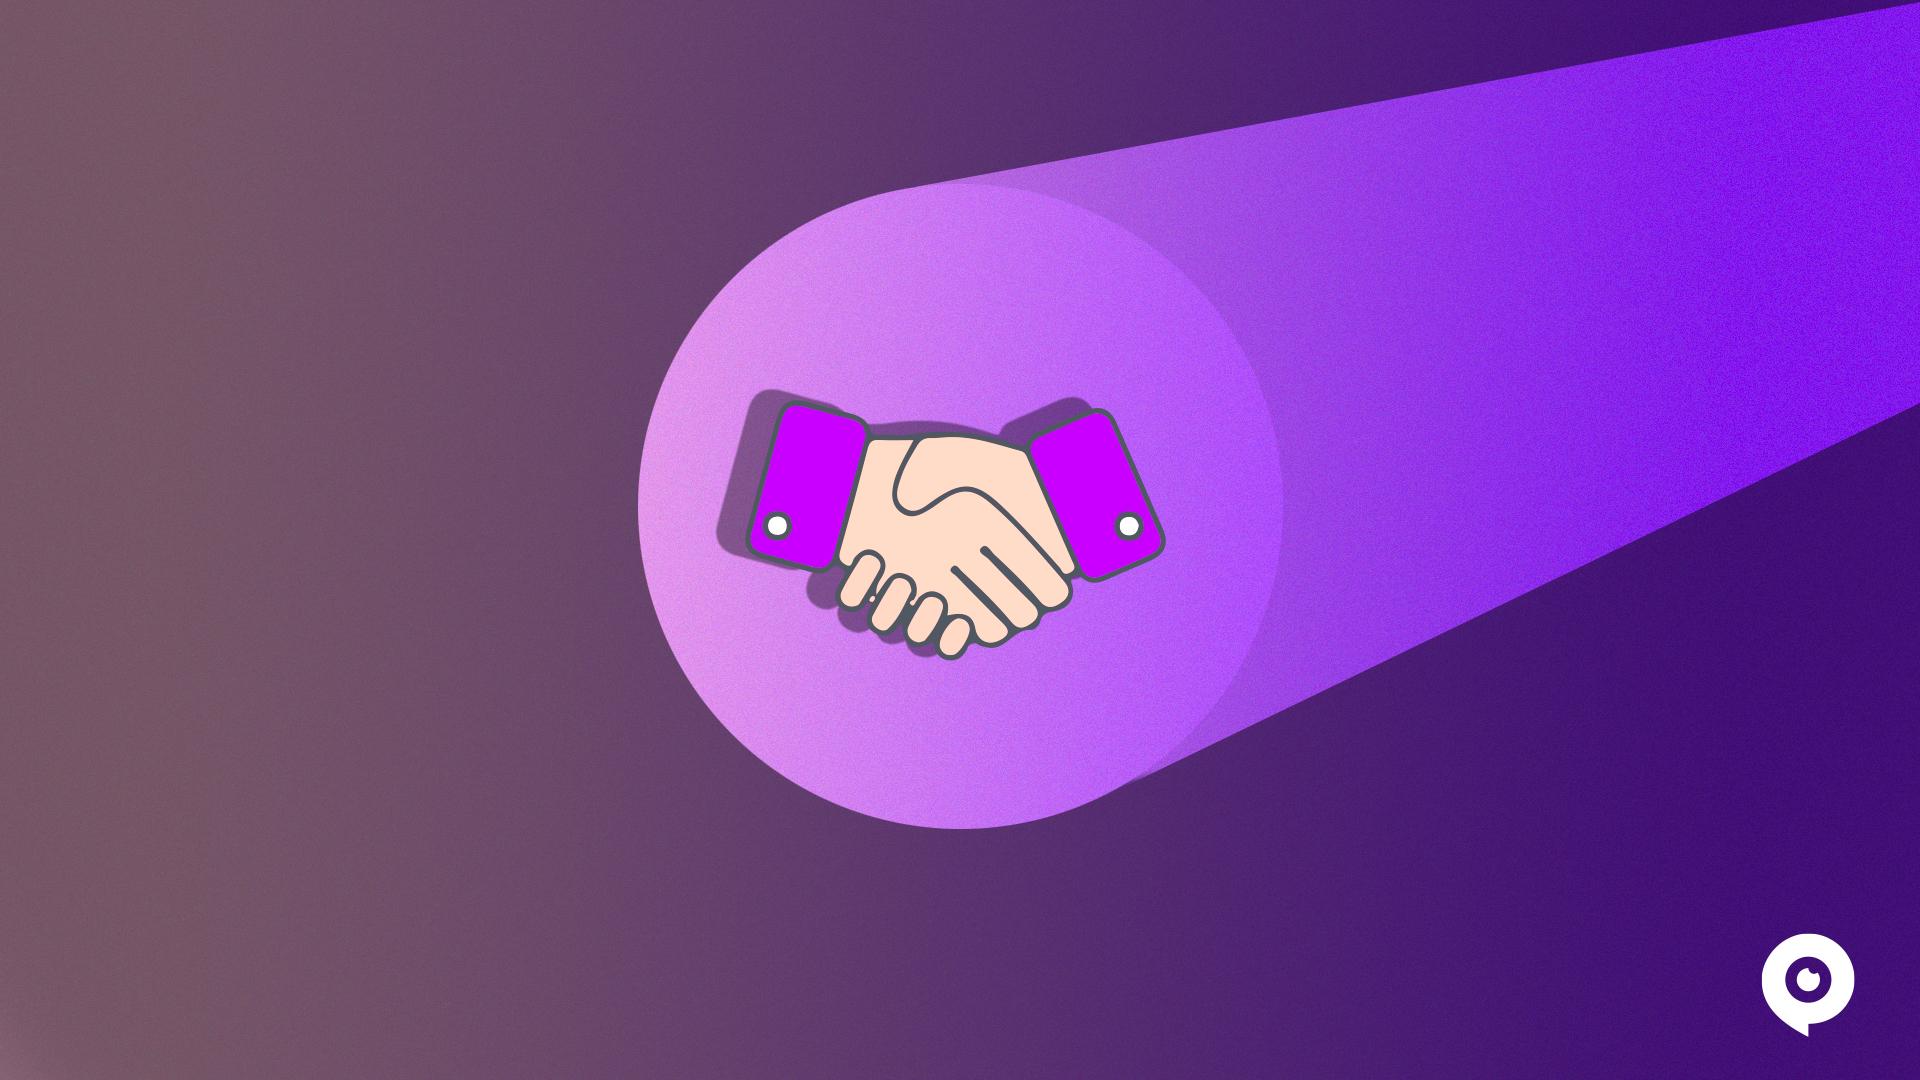 Comment mettre la lumière sur vos sponsors dans vos événements en ligne ?